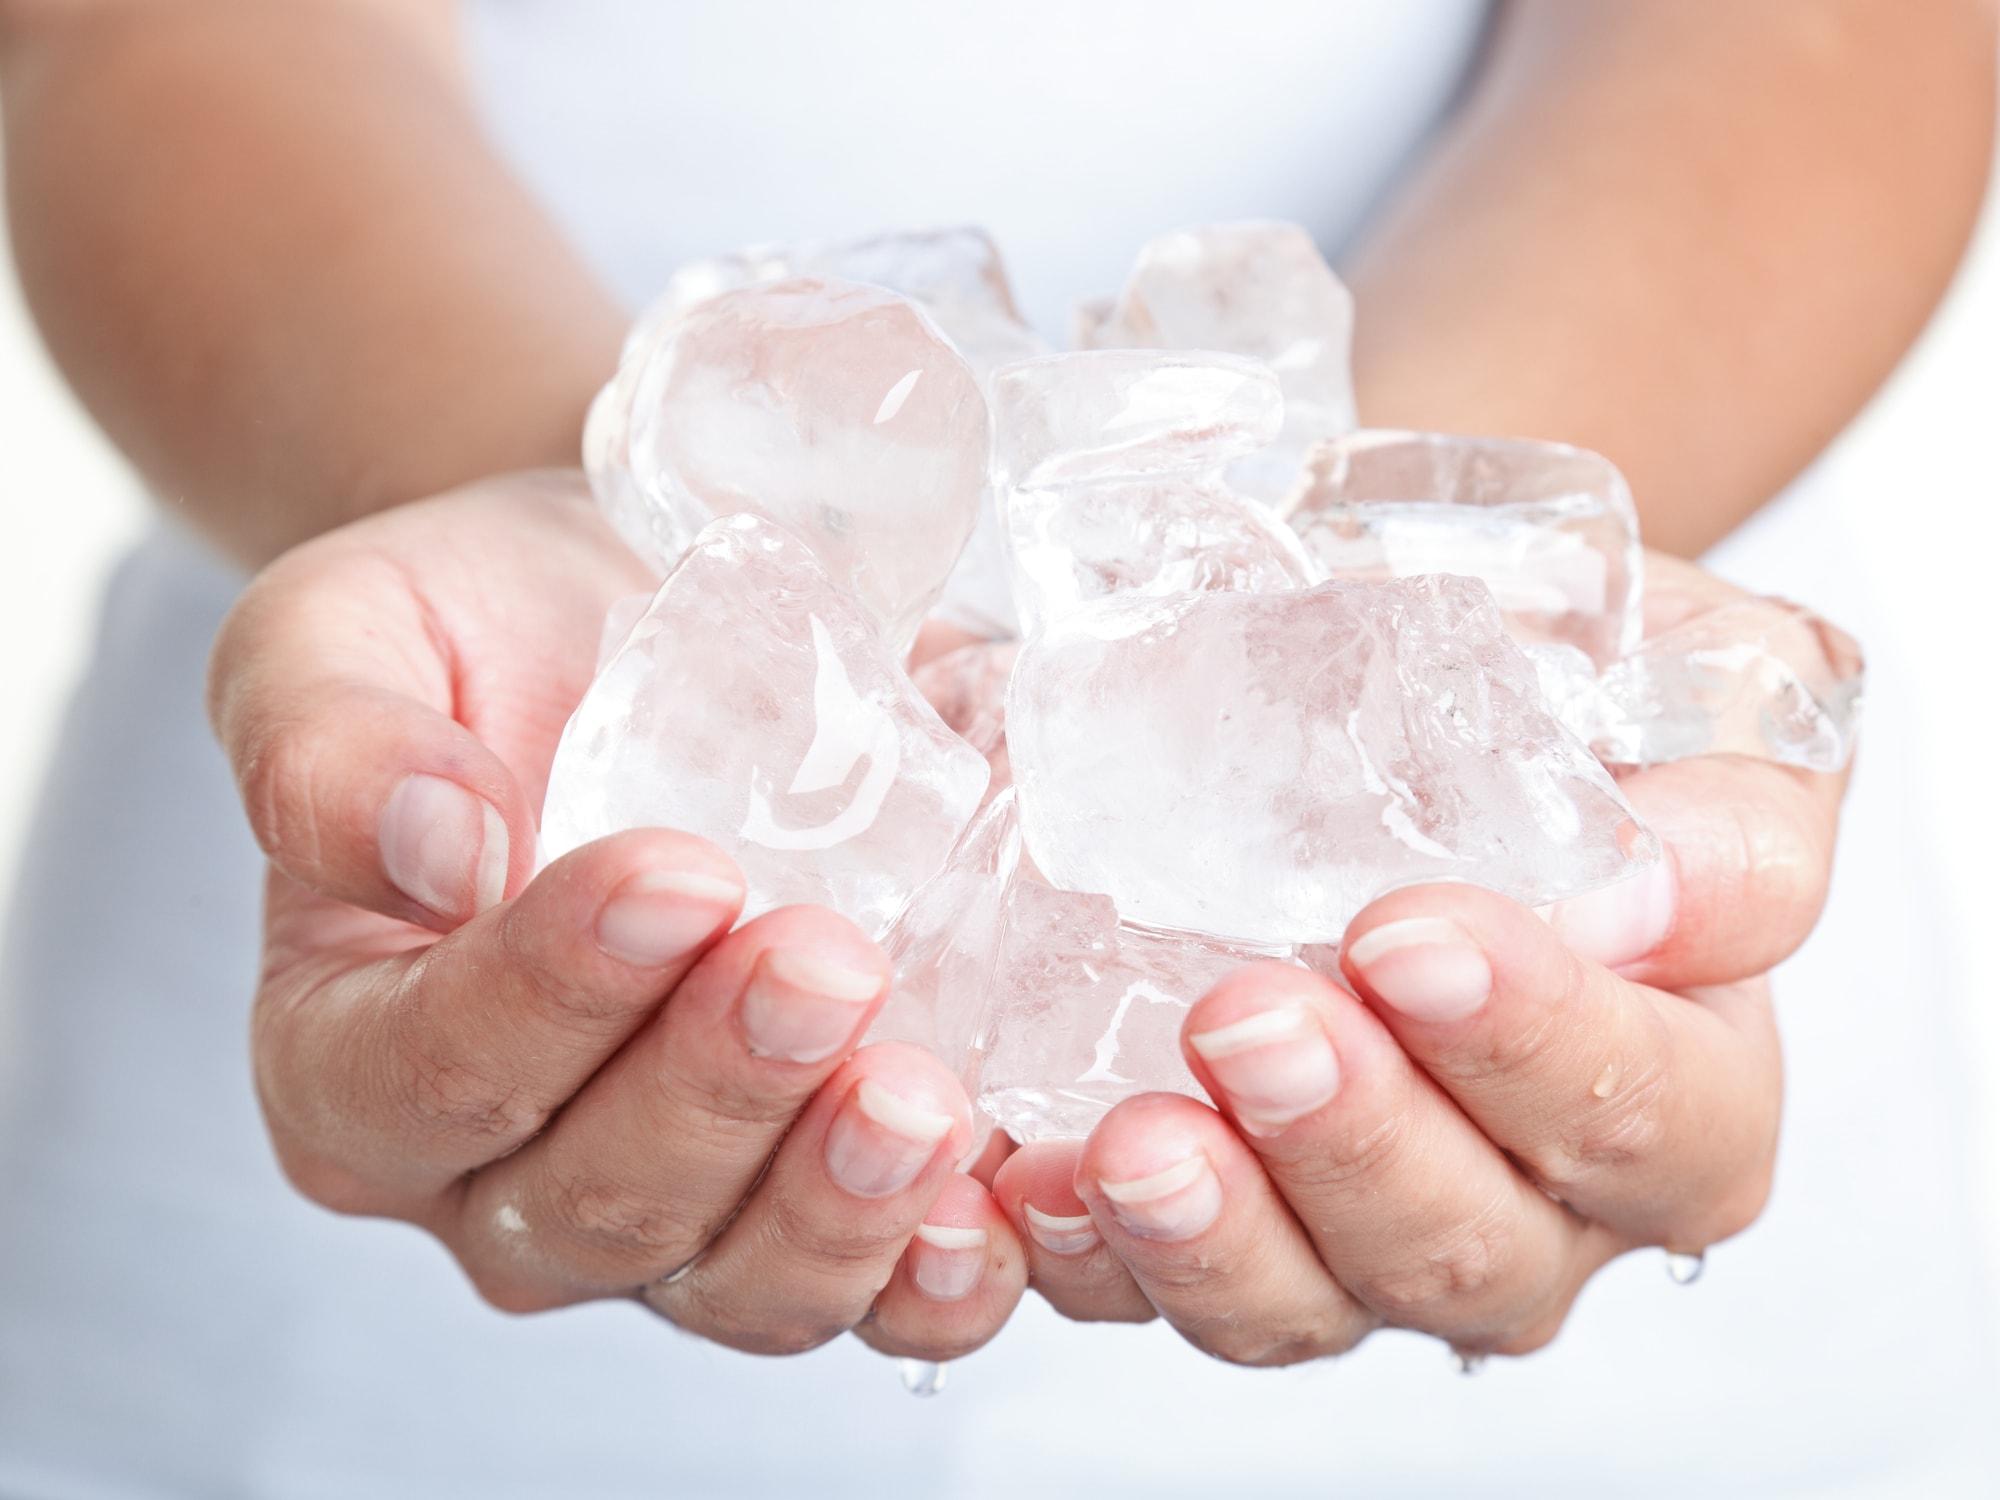 Eis kann gegen Schwellungen helfen